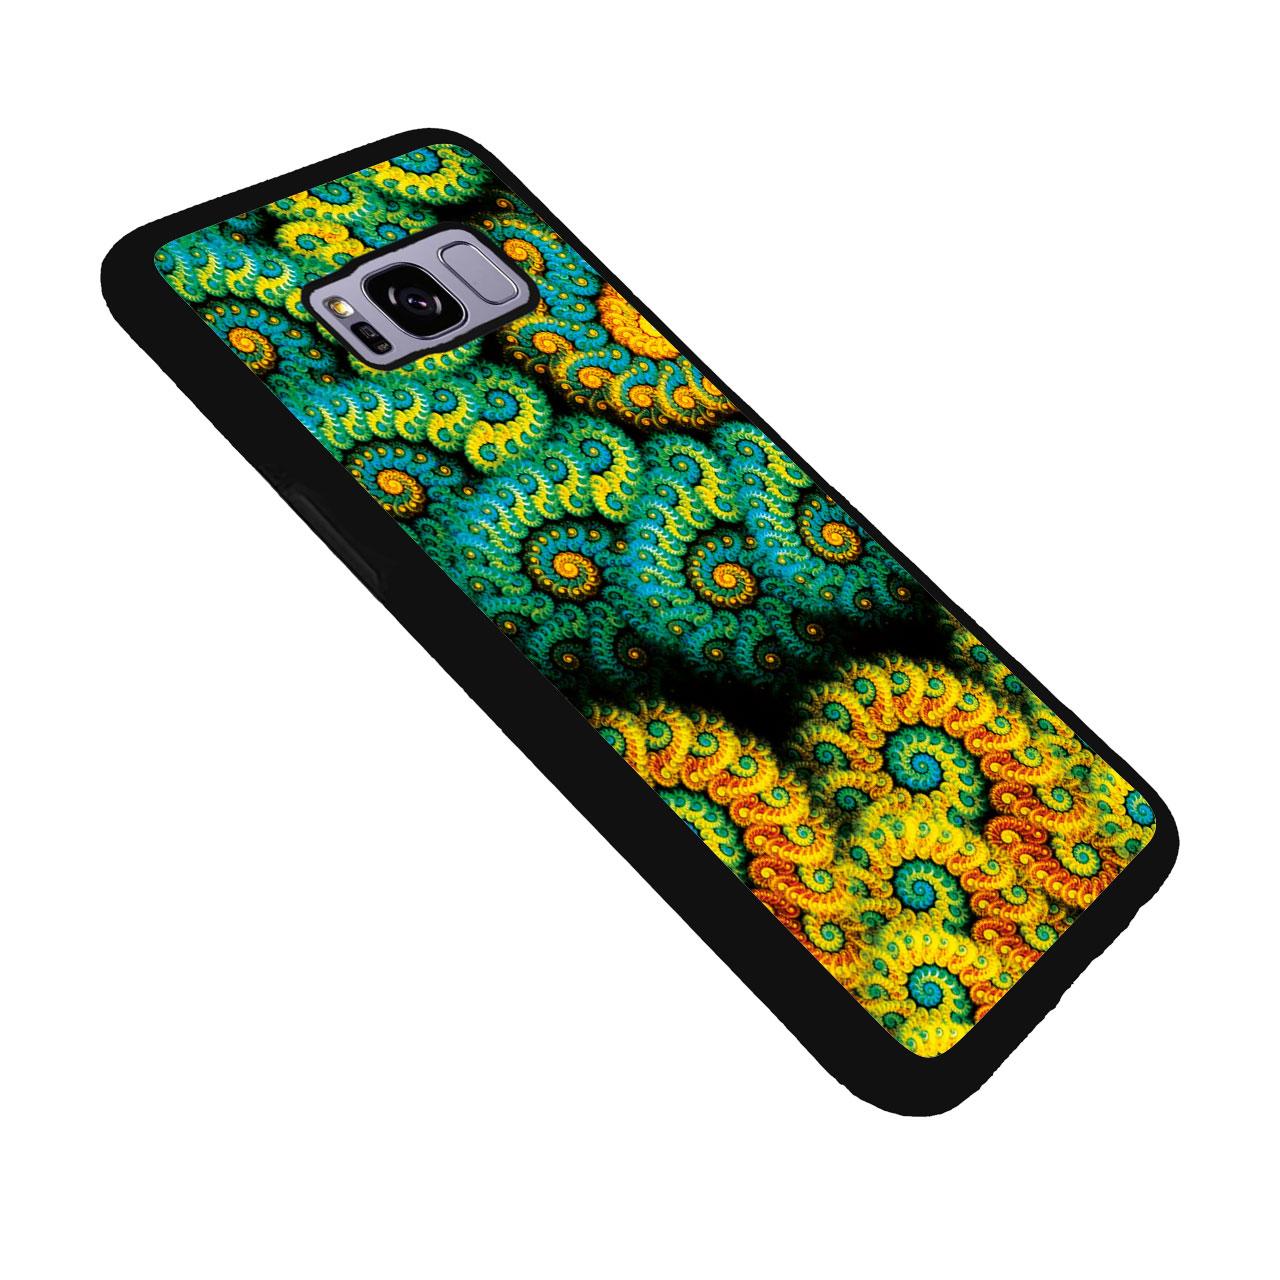 کاور زیزیپ مدل 125G - 2d مناسب برای گوشی موبایل سامسونگ galaxy s8